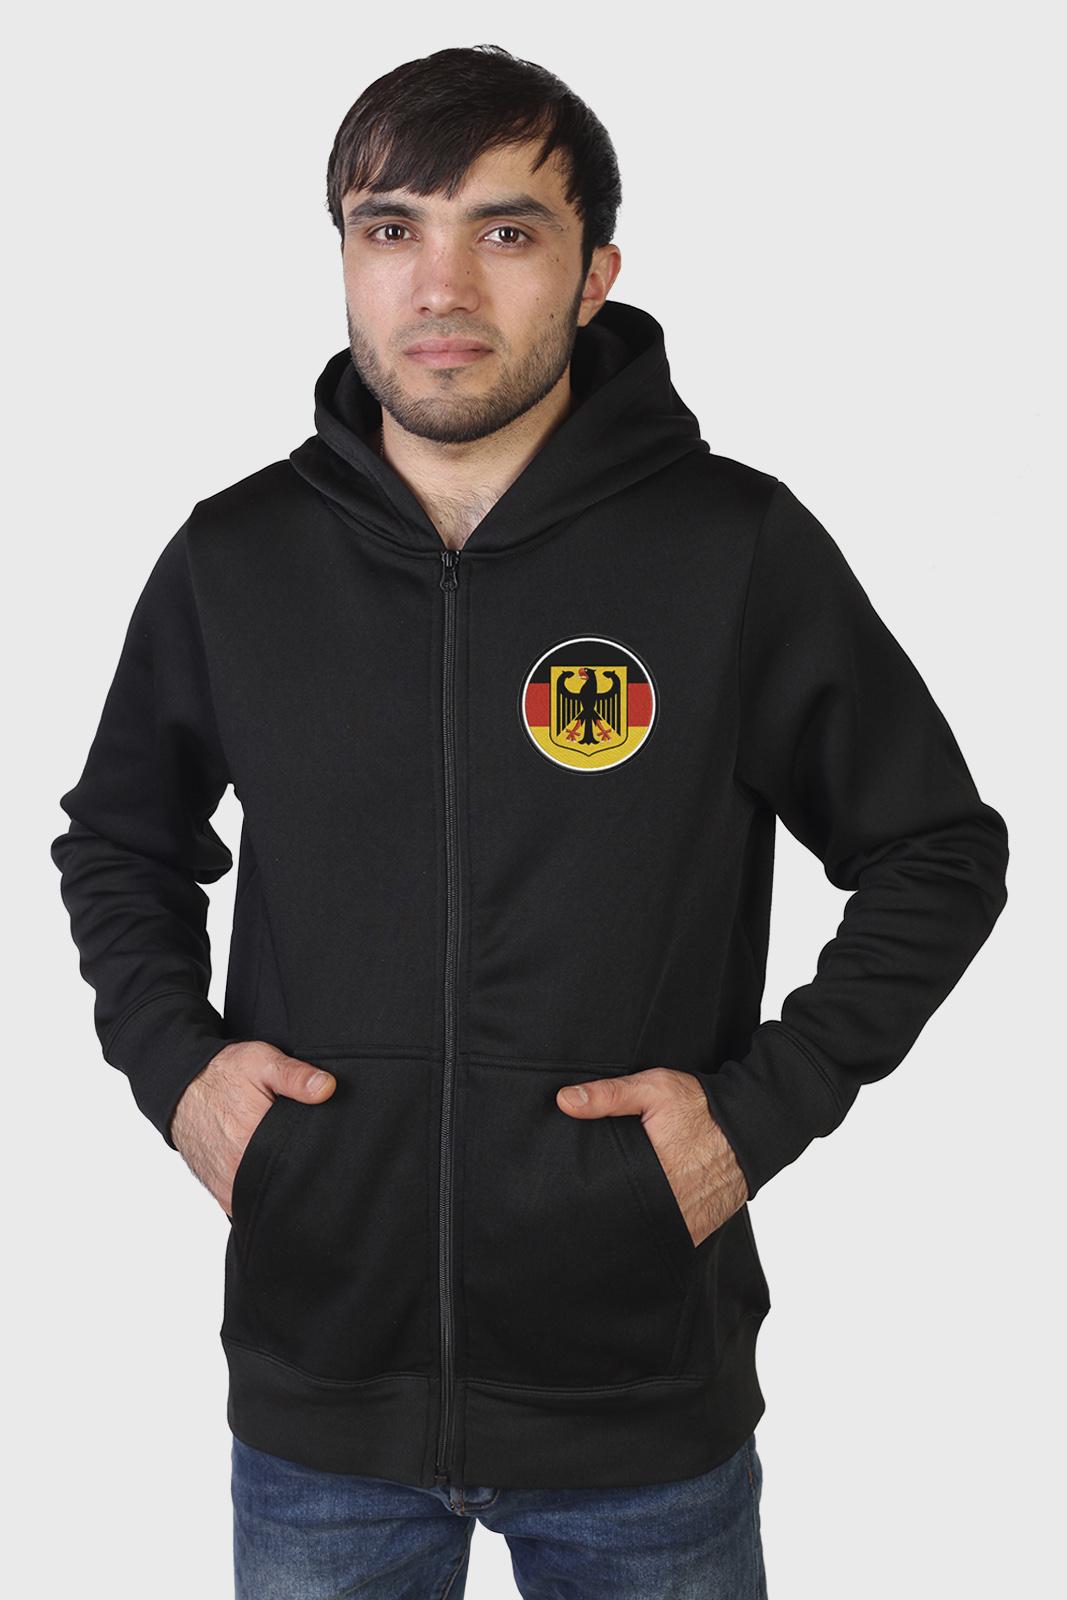 Зачетная толстовка с флагом Германии